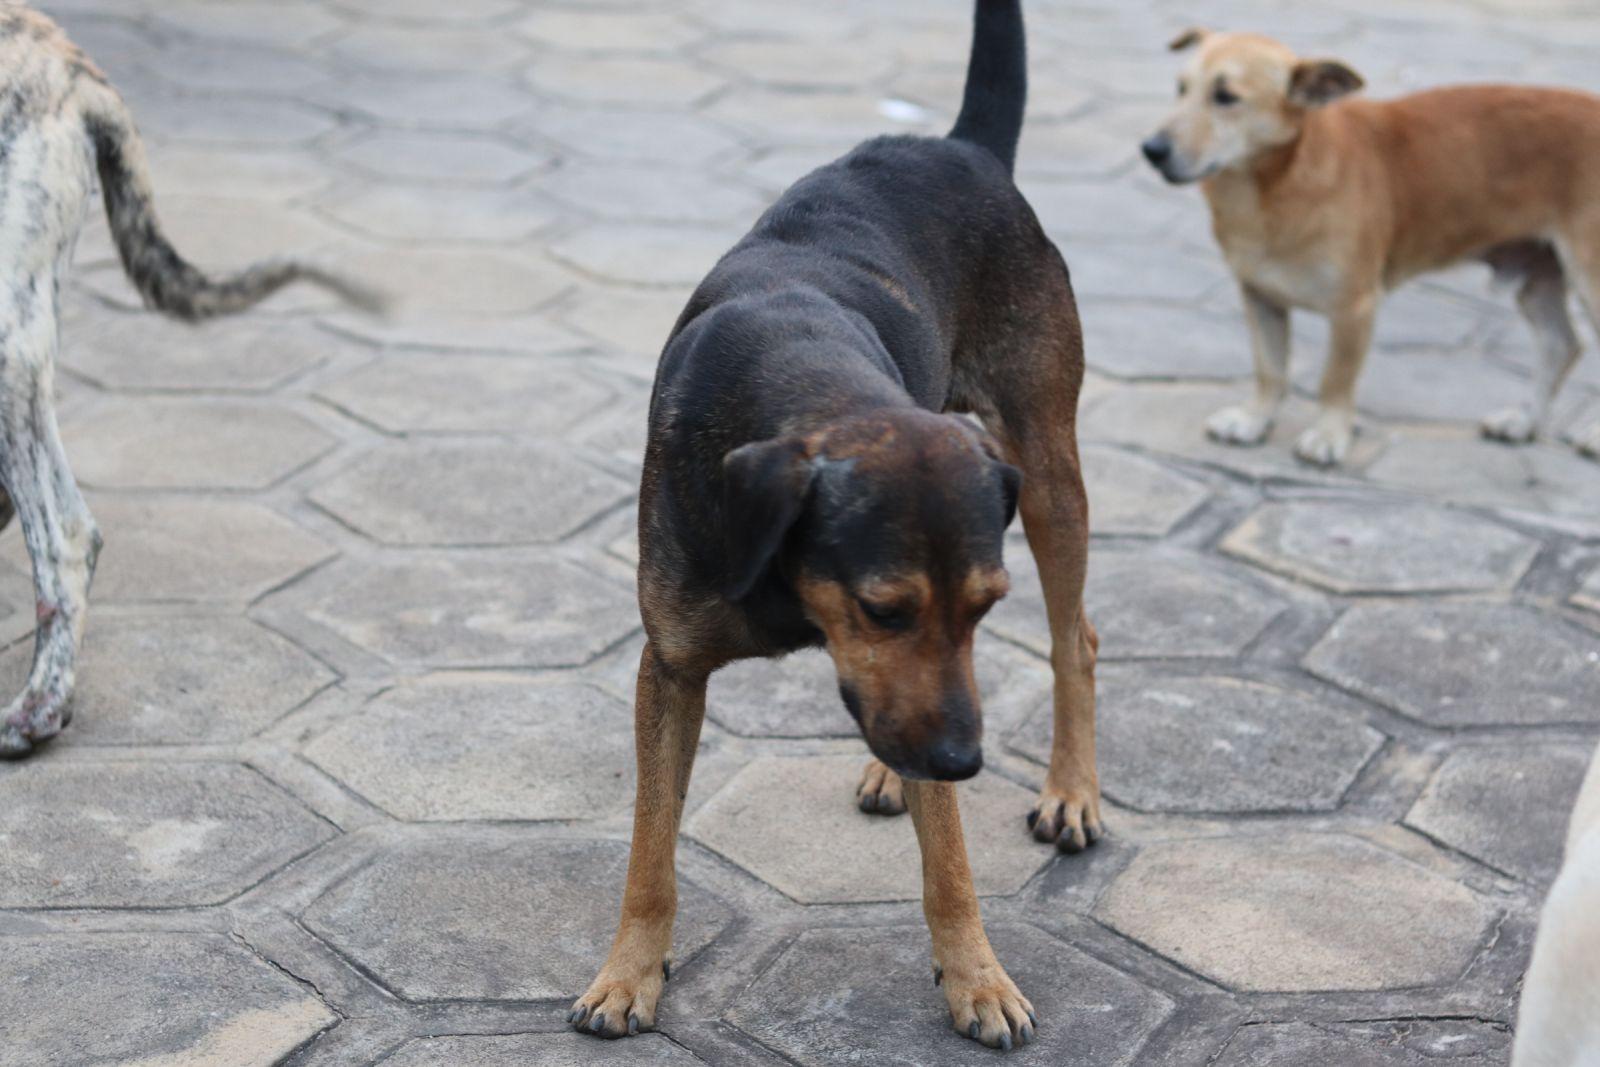 Animais em calçada do bairro Candeias em Vitória da Conquista - BA - Foto: Letícia Meira